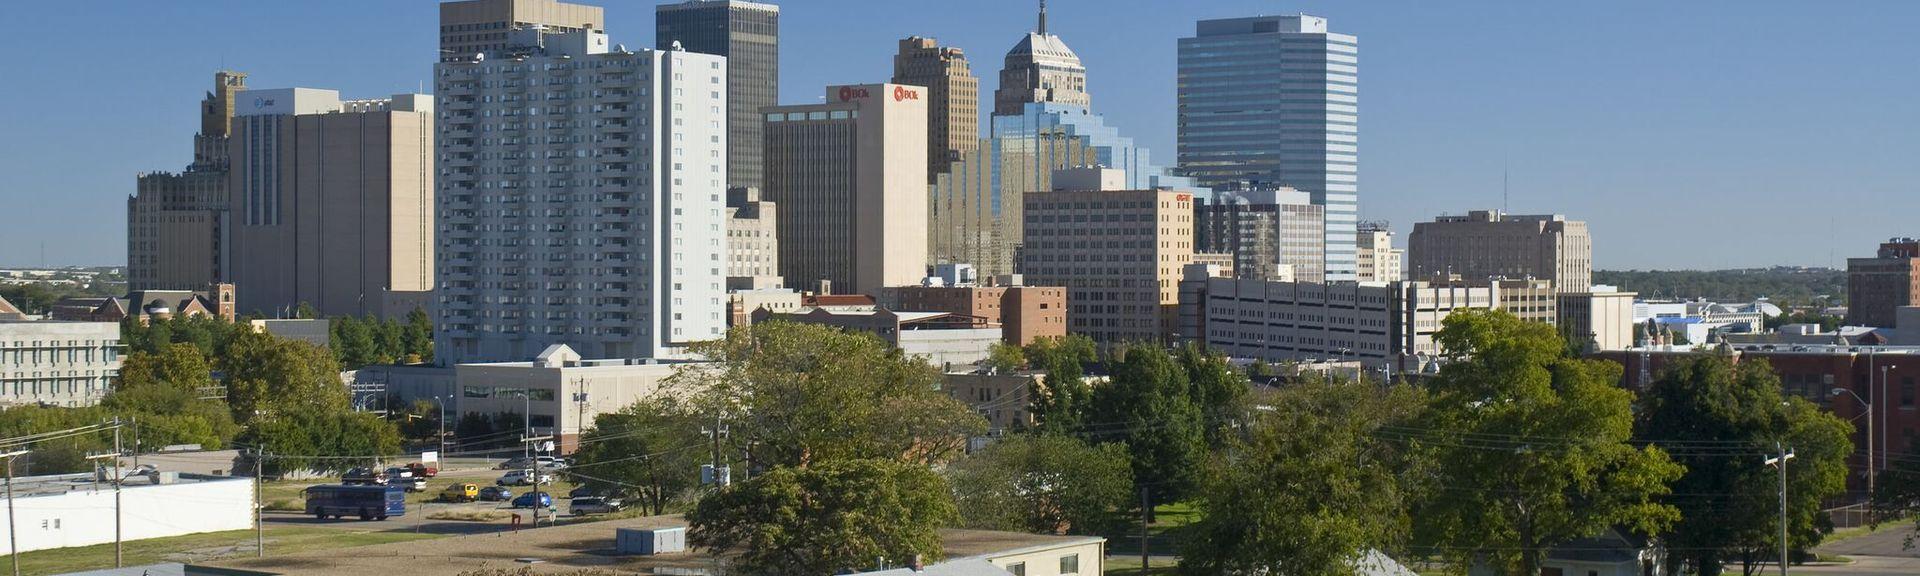 Oklahoma City, OK, USA